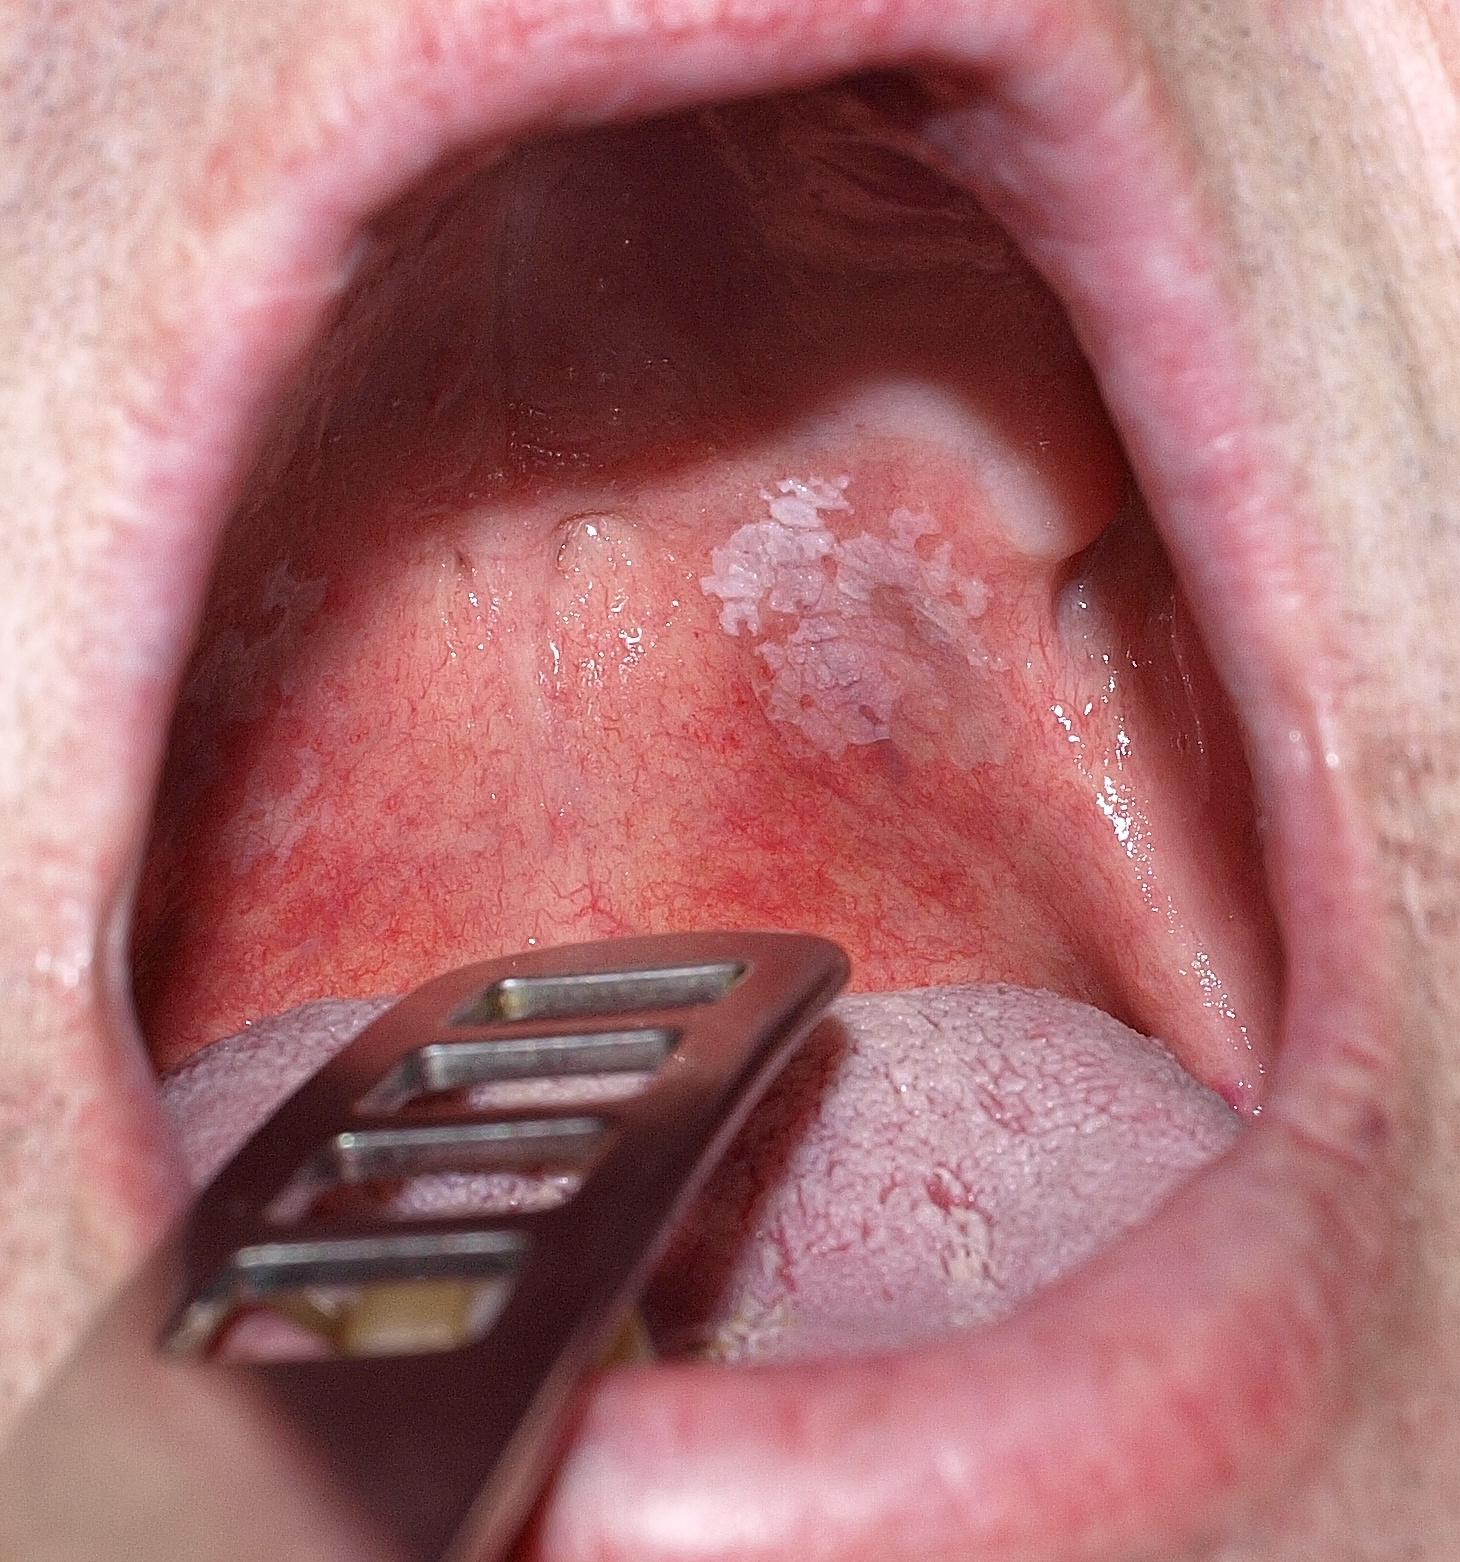 szemölcs a nyelv hegyén